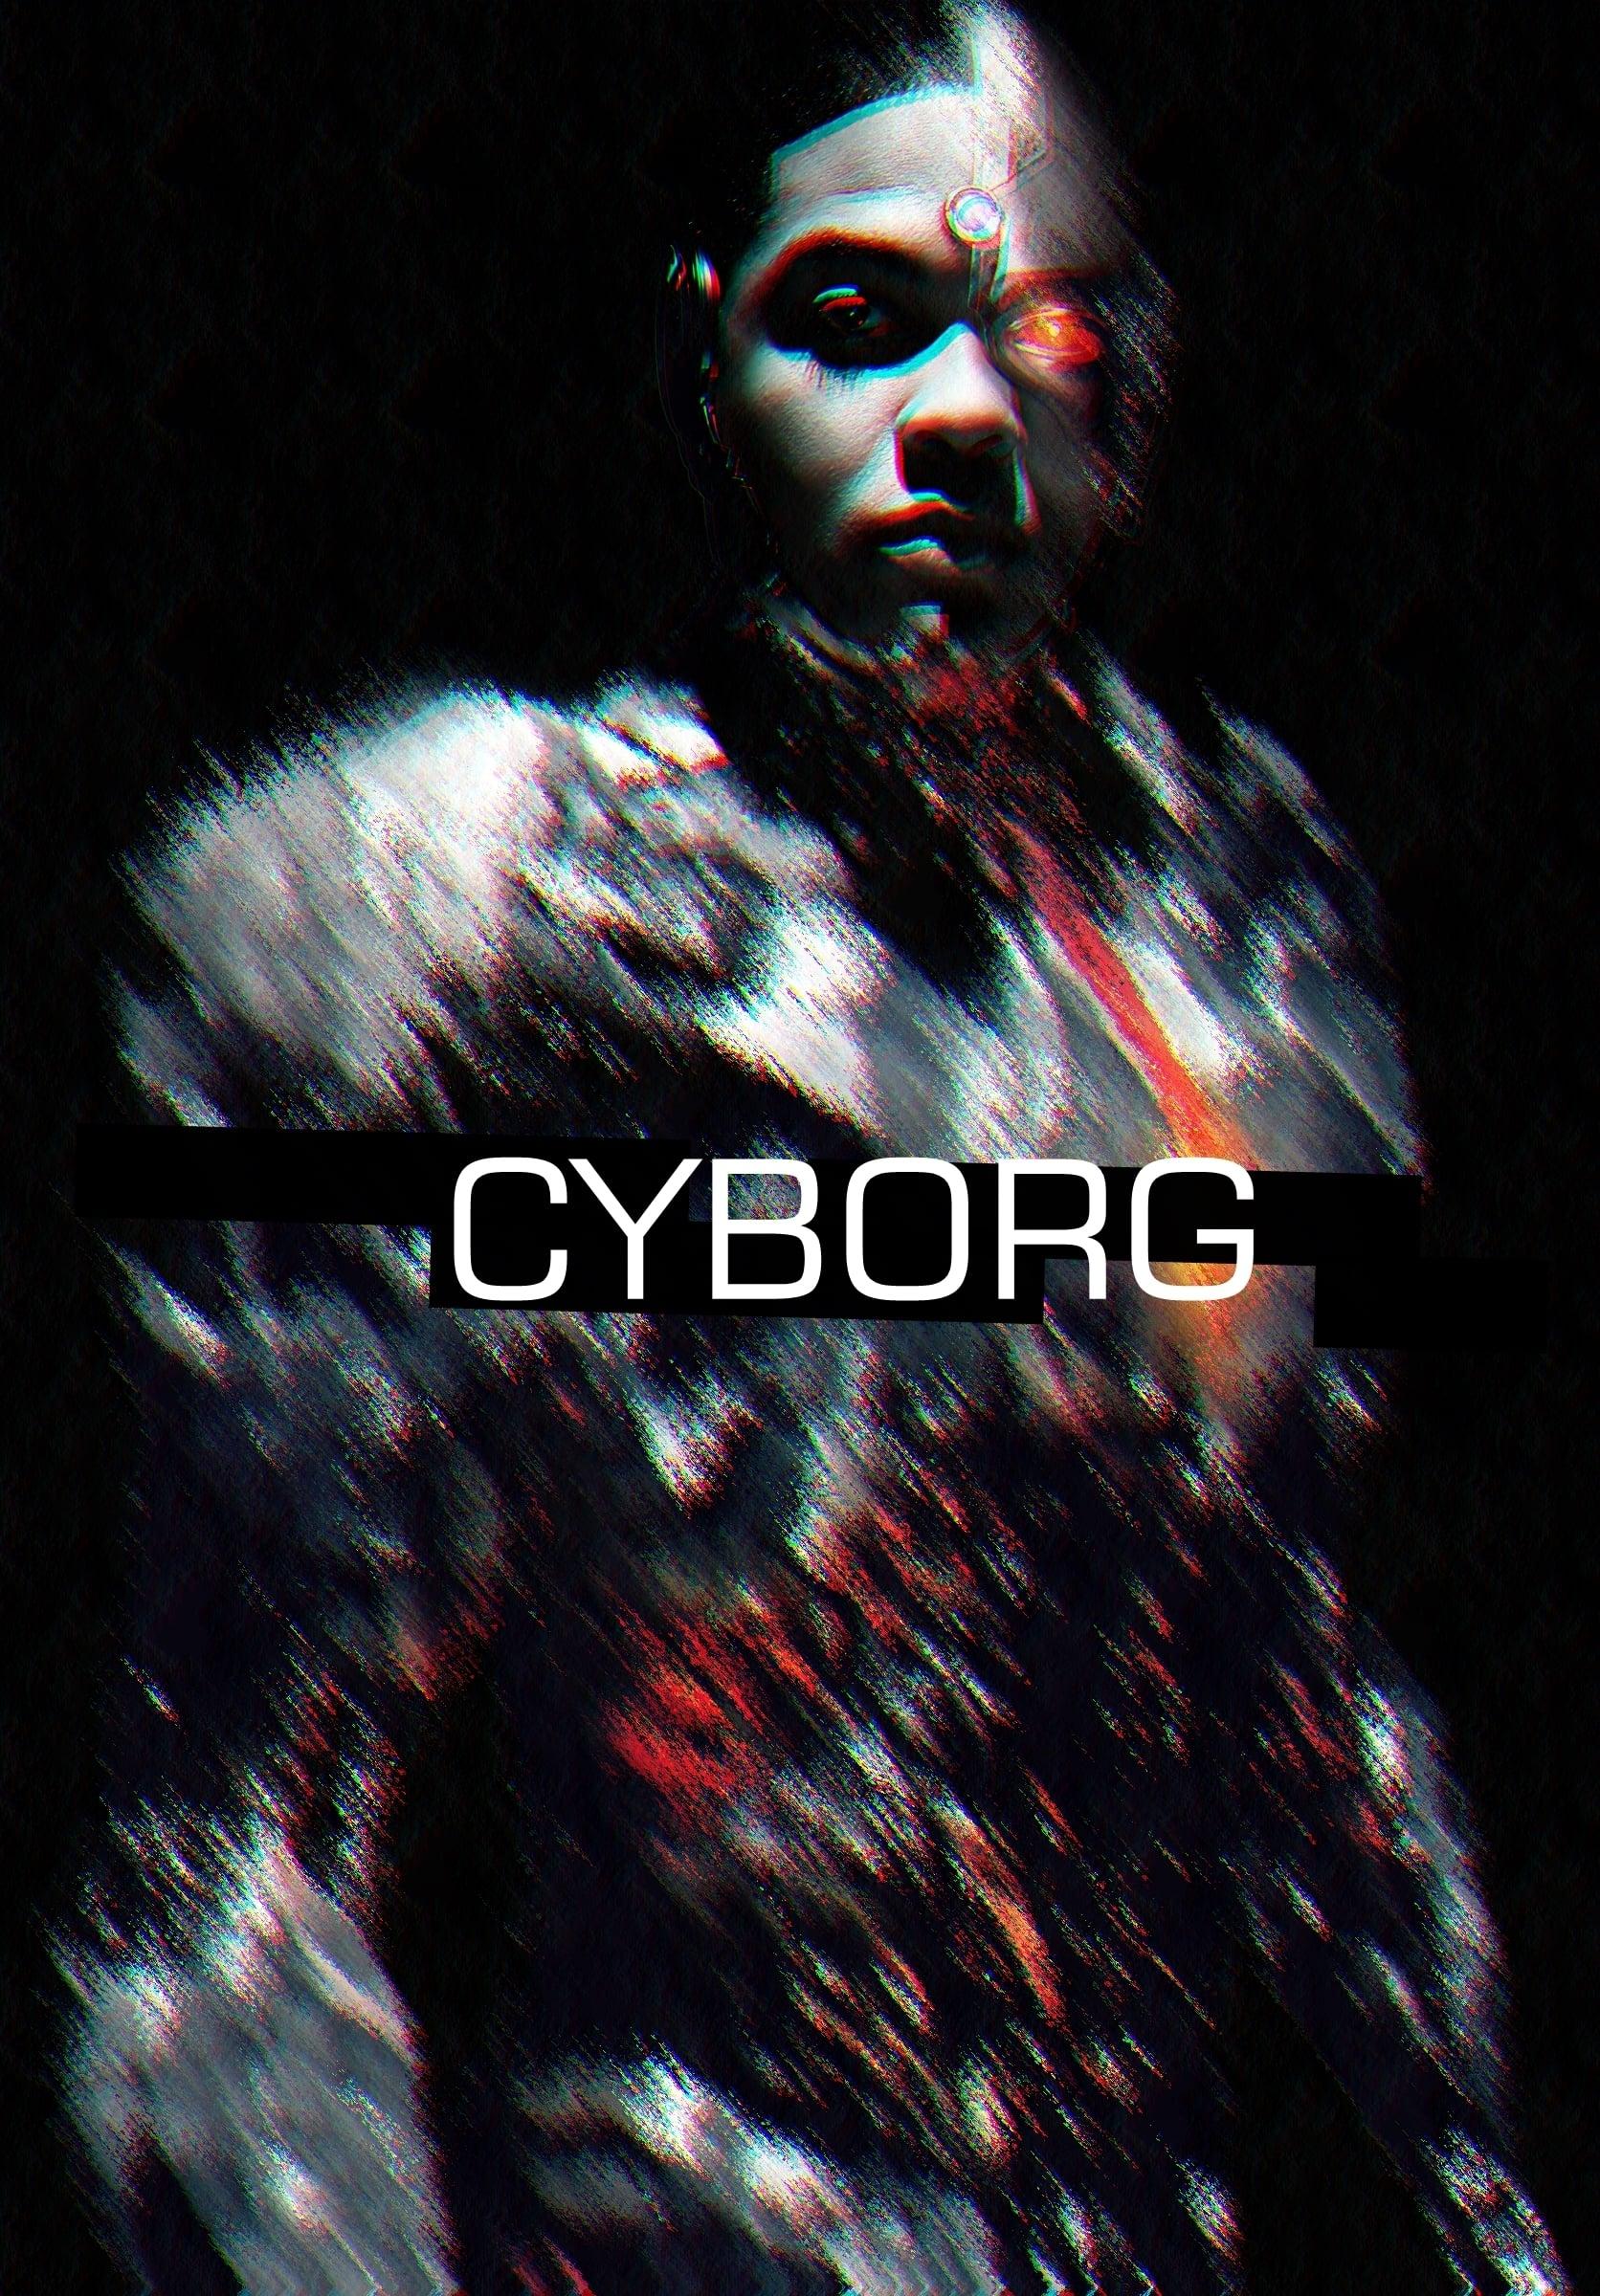 Cyborg 2020 Movies Film Cine Com